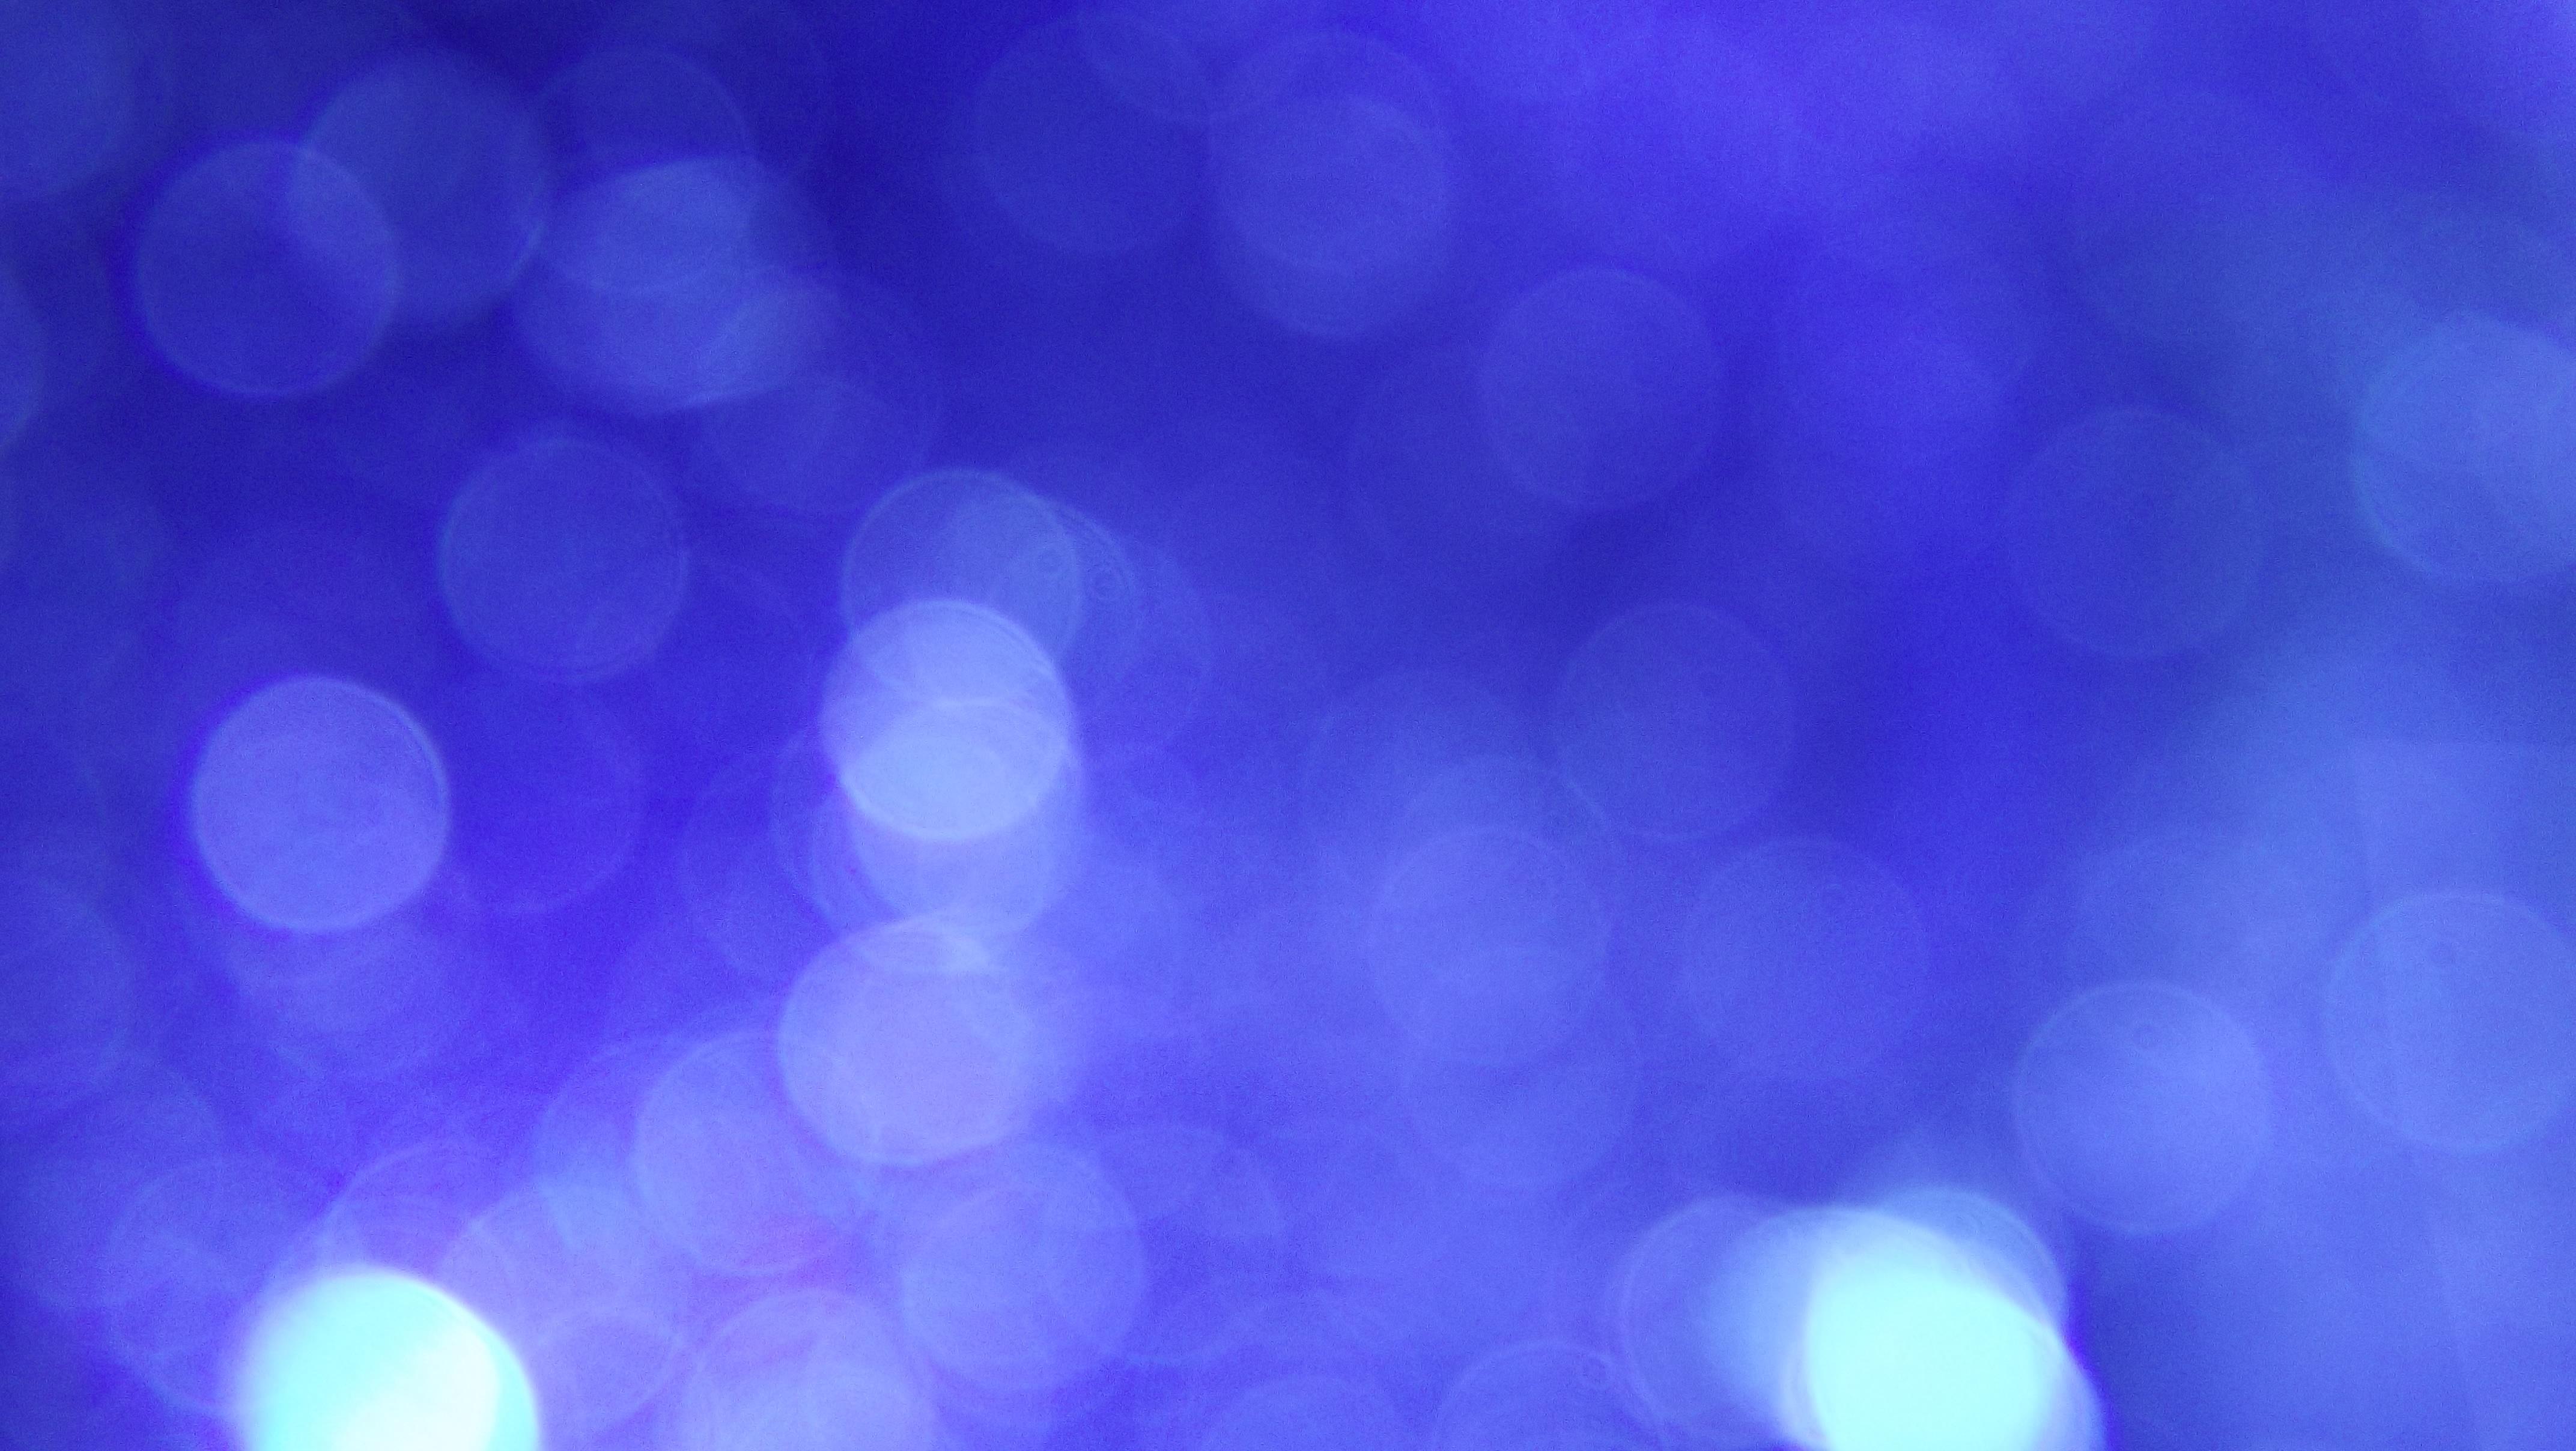 รูปภาพ : เบา, โบเก้, เบลอ, ที่เร่าร้อน, แสงแดด, เนื้อผ้า ...